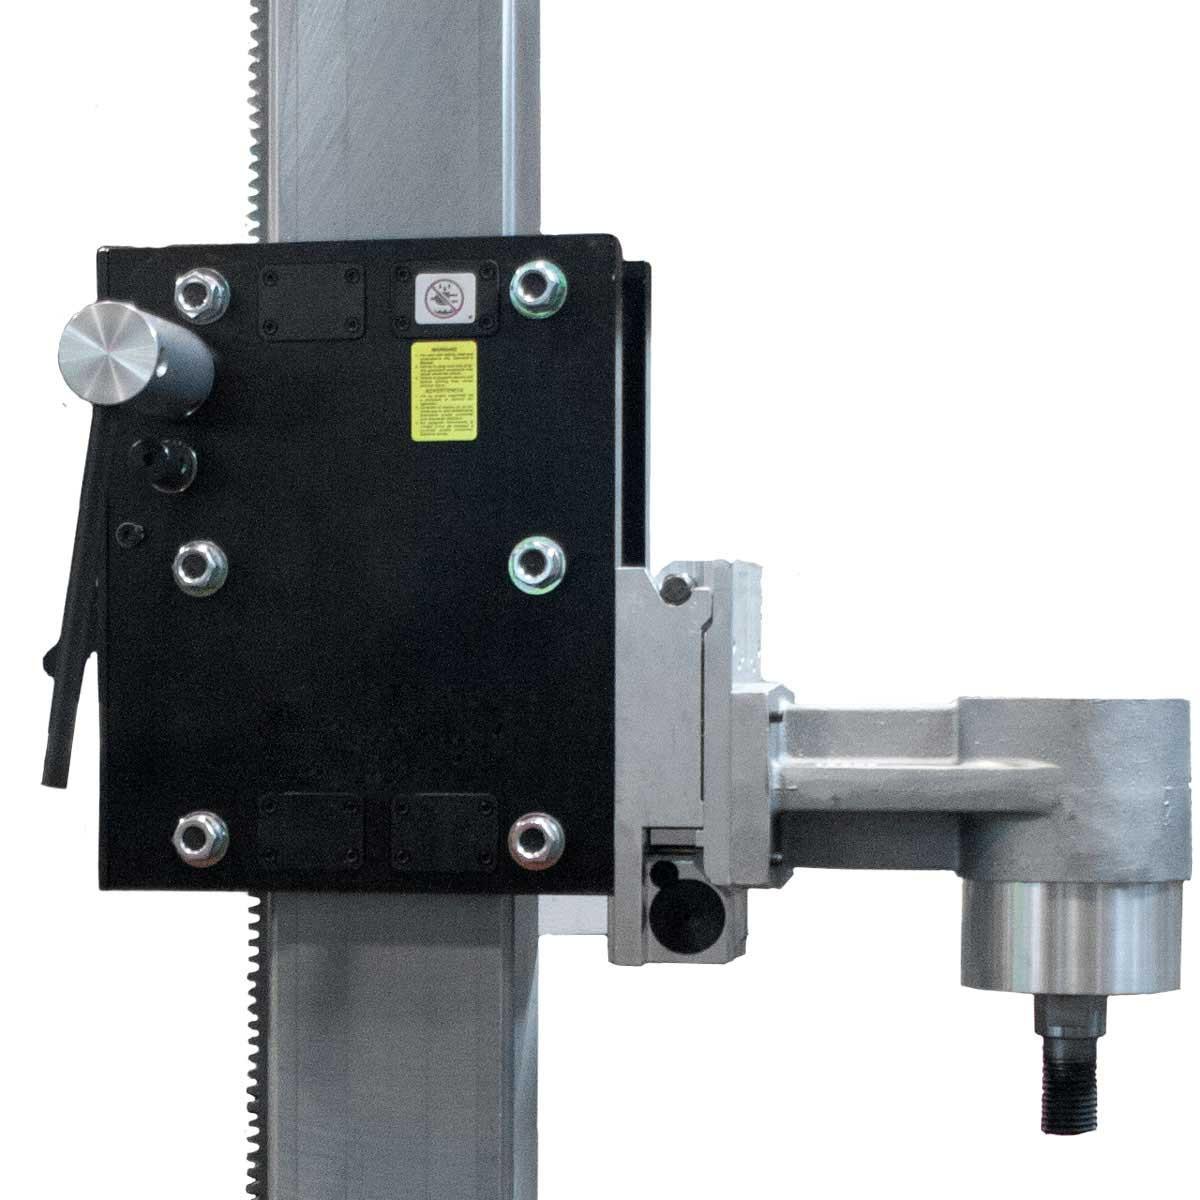 Core Bore M6 Drill Rig Stand column